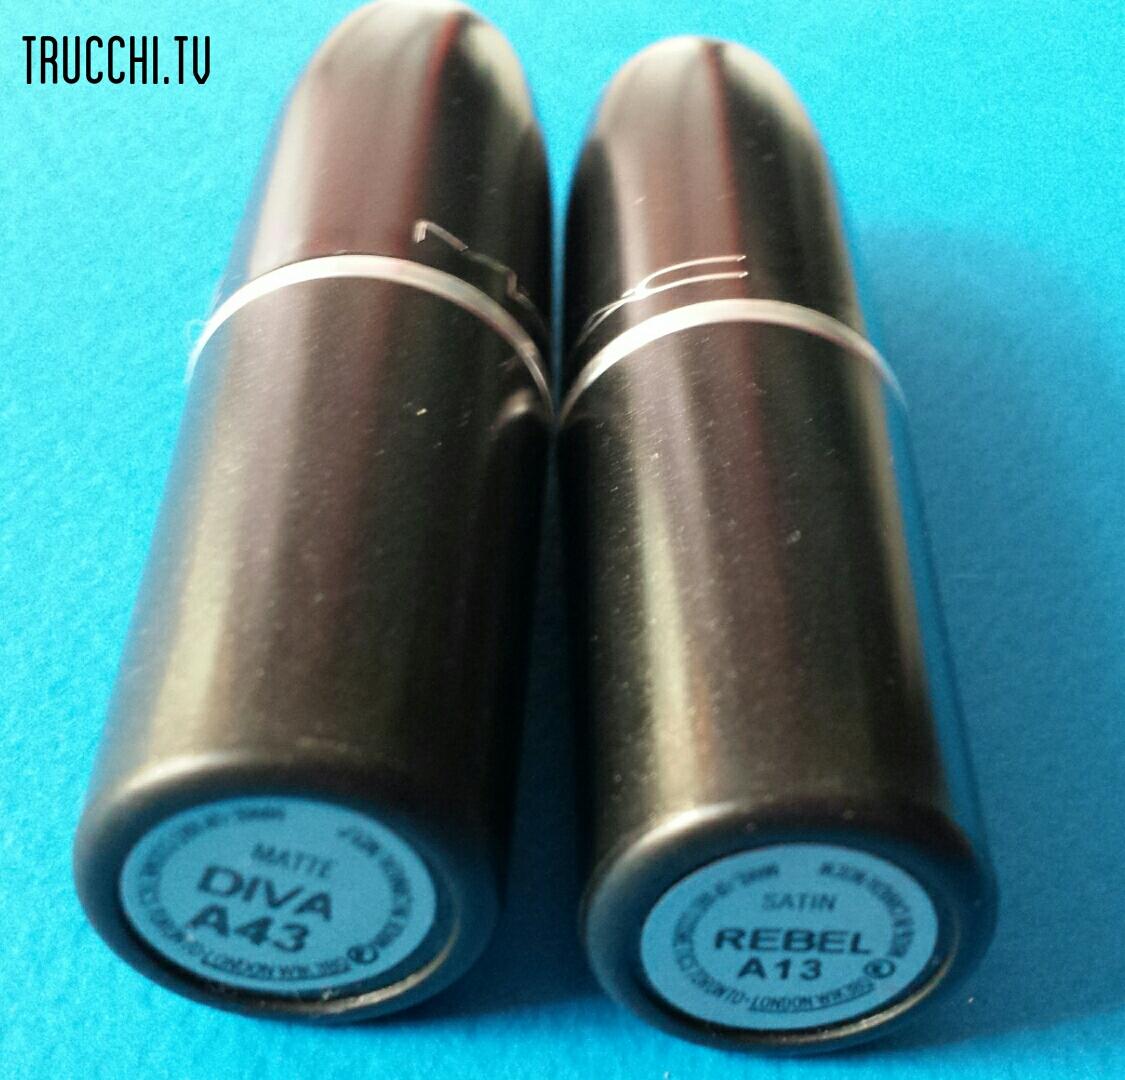 Recensione kiko daring game ace of diamond lipsticks swatches e confronti - Rossetto mac diva ...